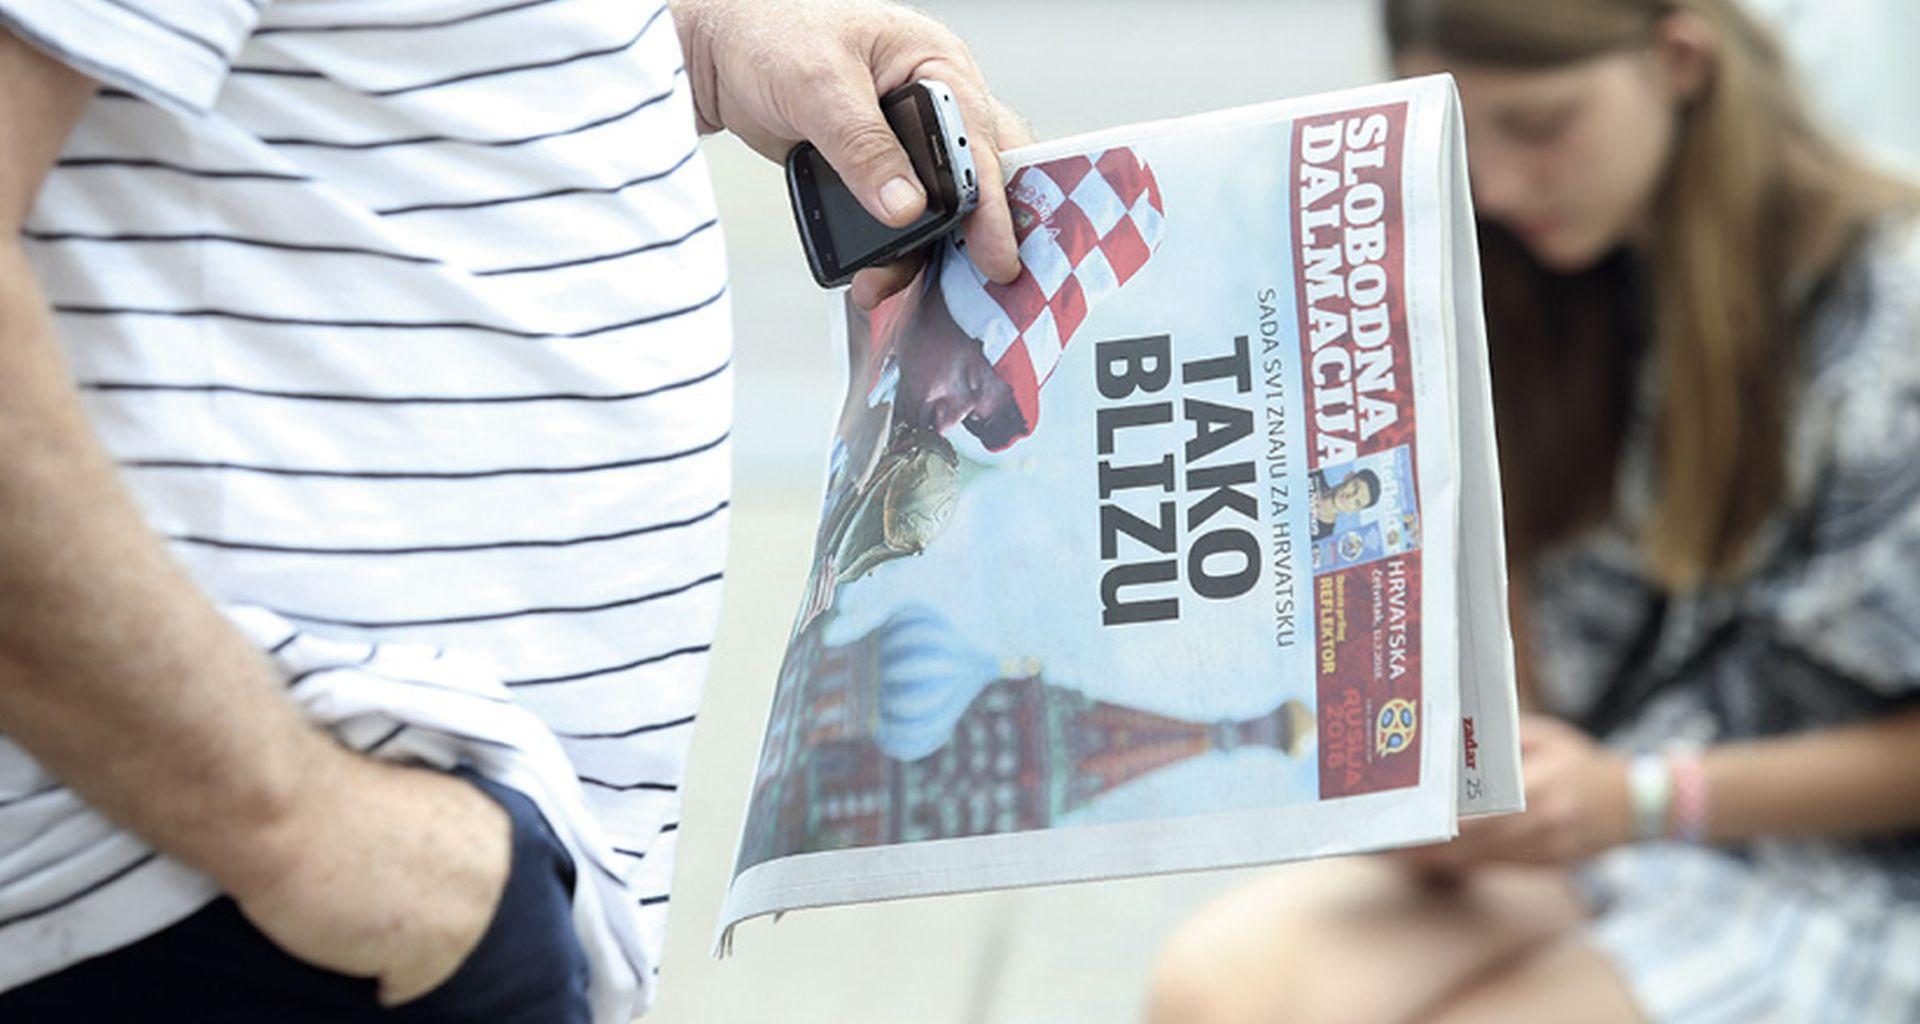 Hanza media želi pripojiti Slobodnu Dalmaciju i izbrisati dug